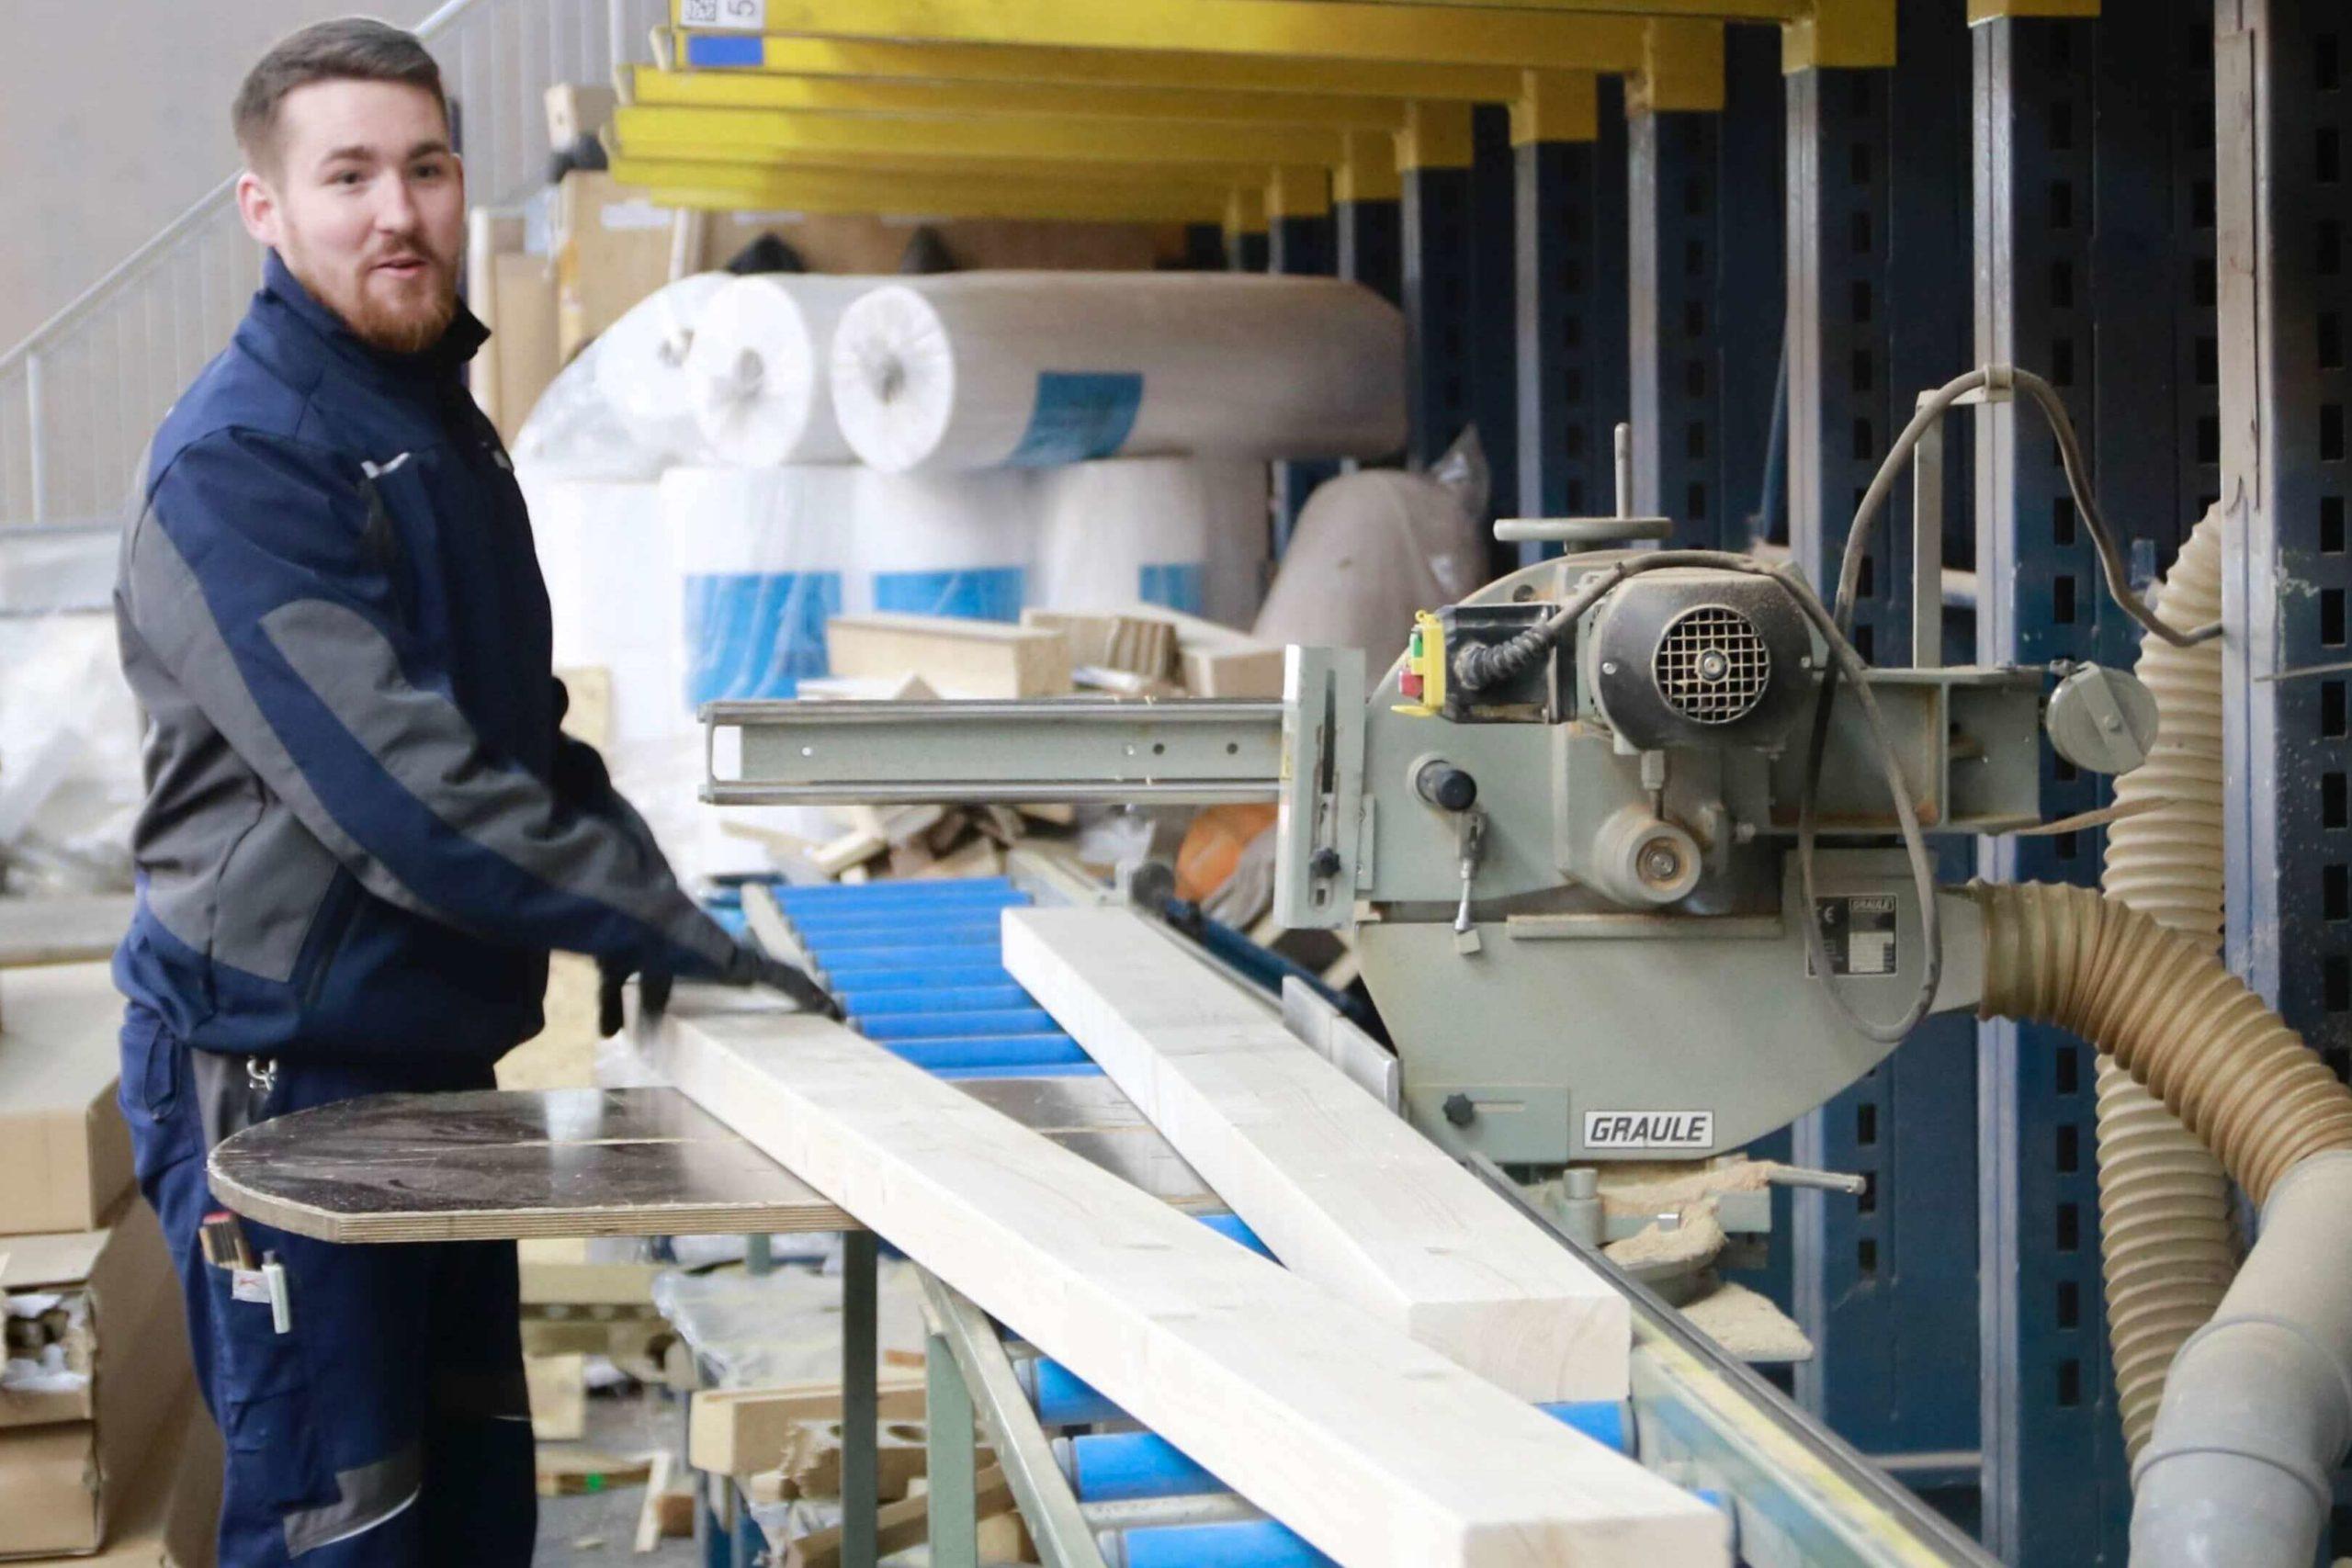 Ausbildung zum Holzmechaniker in Trier